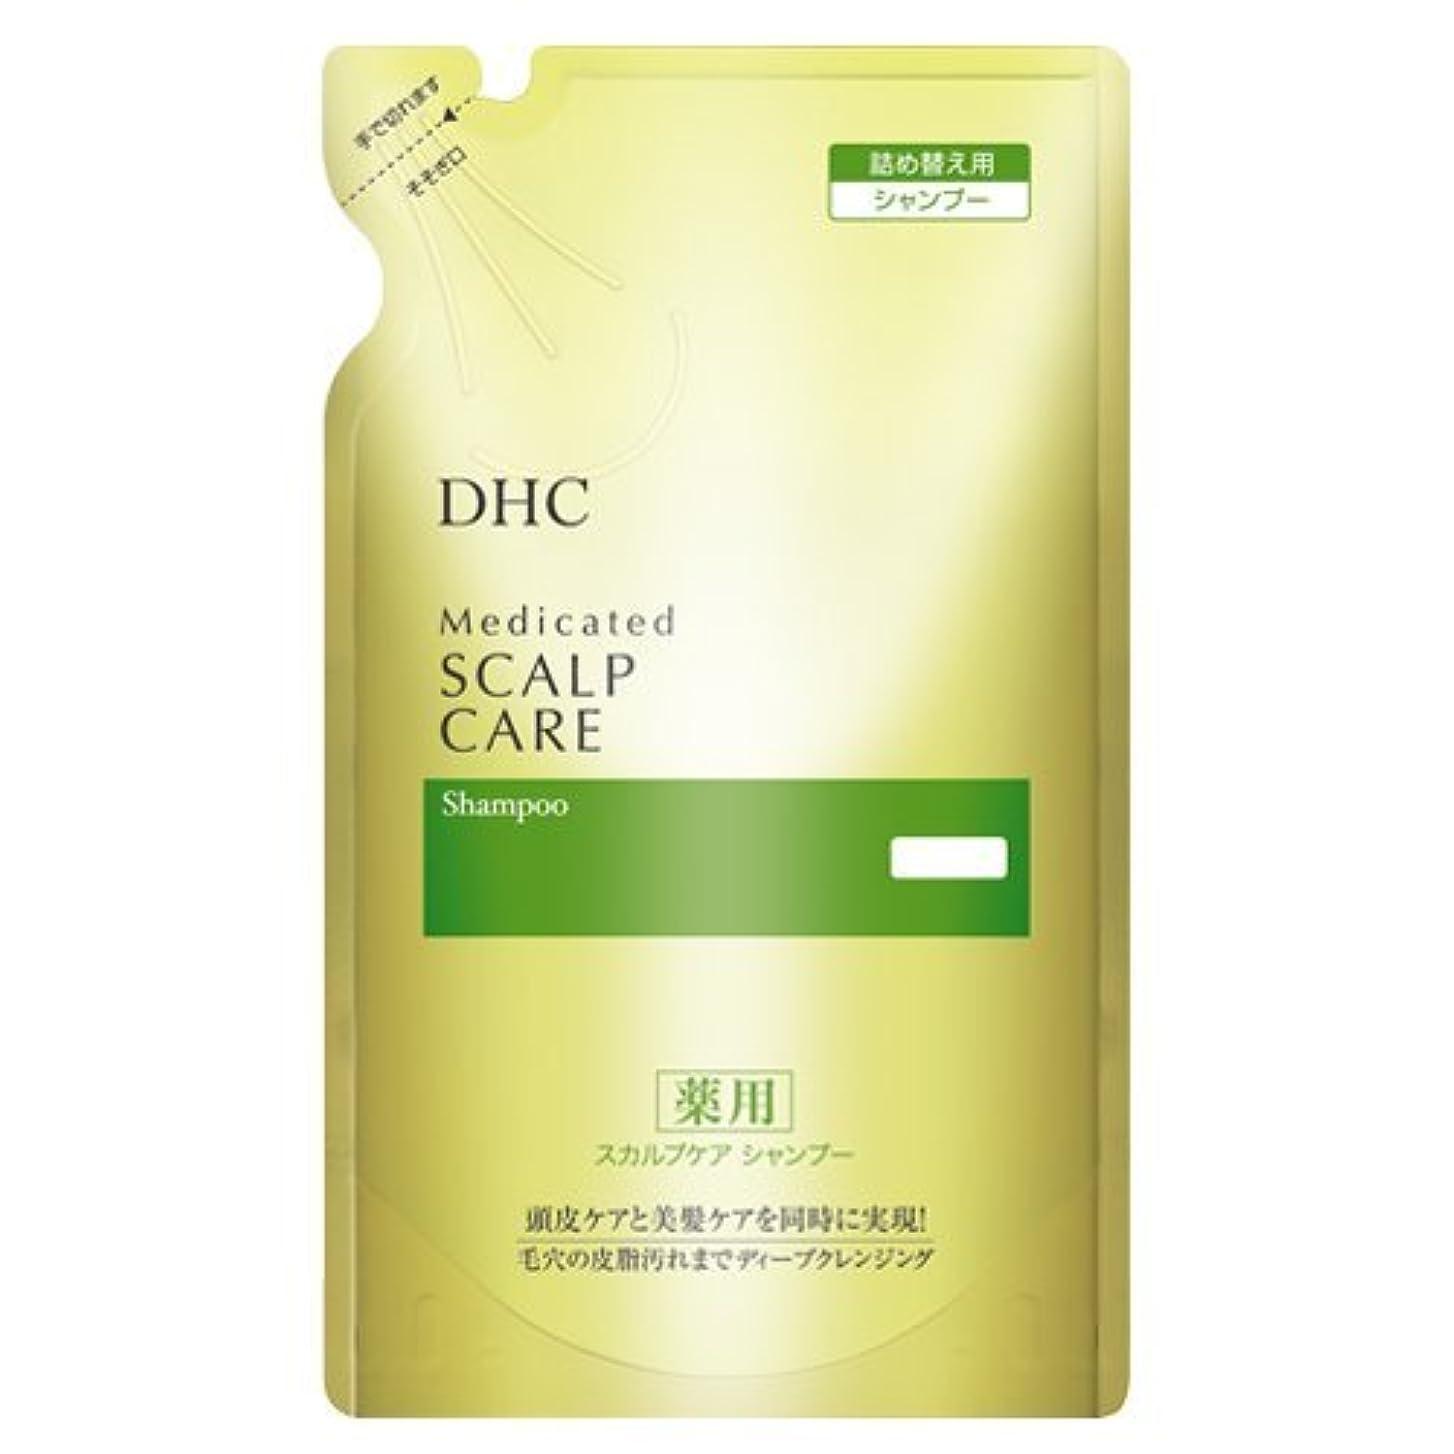 こんにちはソケットタンパク質【医薬部外品】DHC薬用スカルプケア シャンプー 詰め替え用